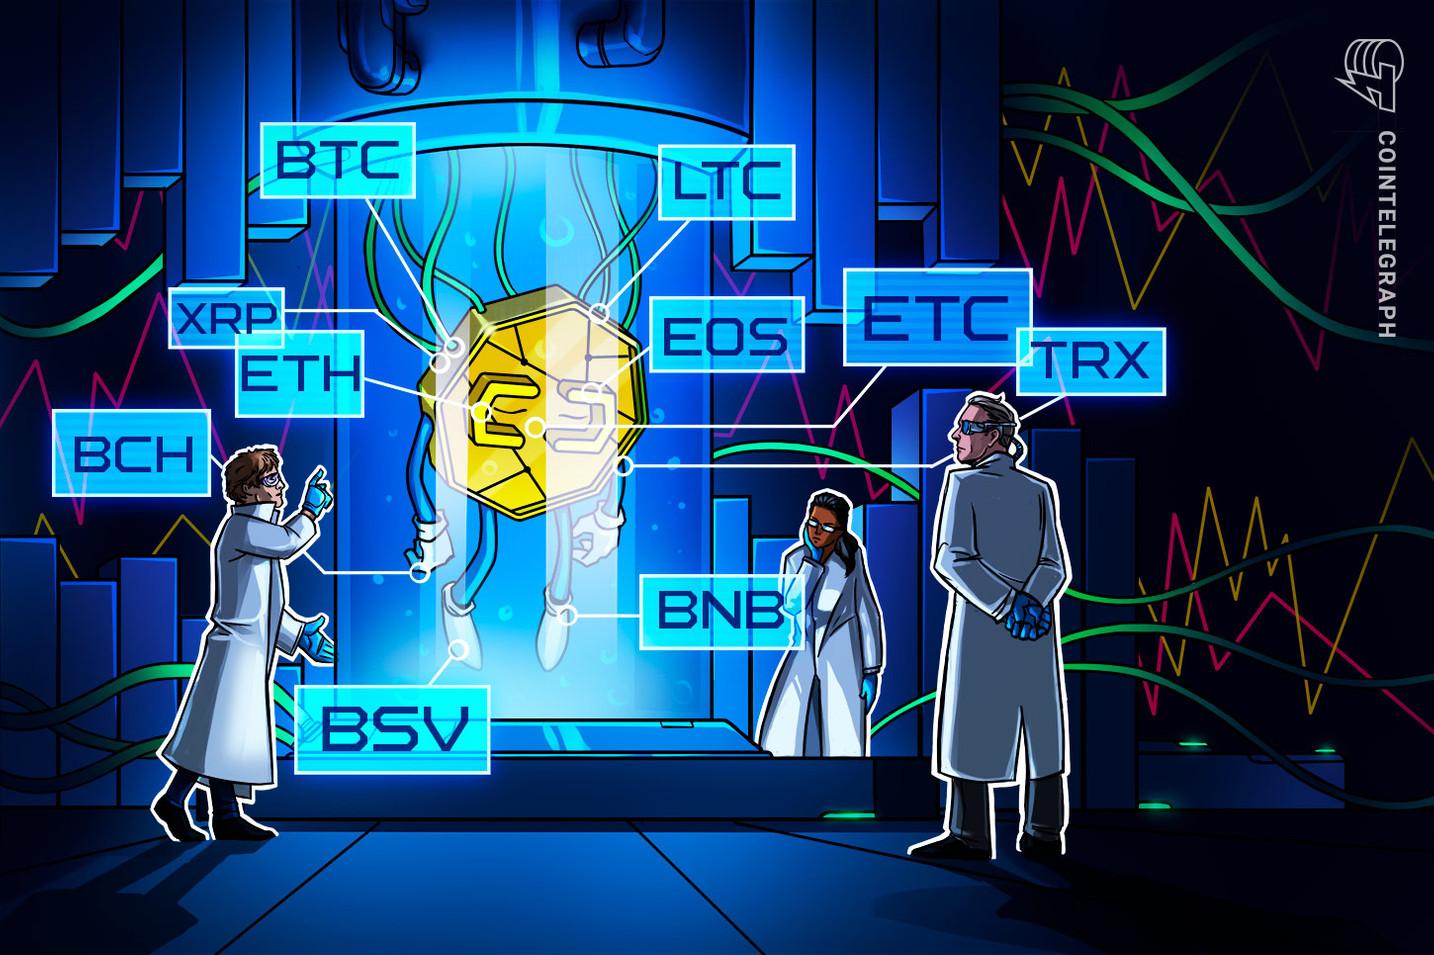 強気派が主導、9500ドル突破なるか 仮想通貨ビットコイン・イーサ・XRP(リップル)のテクニカル分析【価格予想】